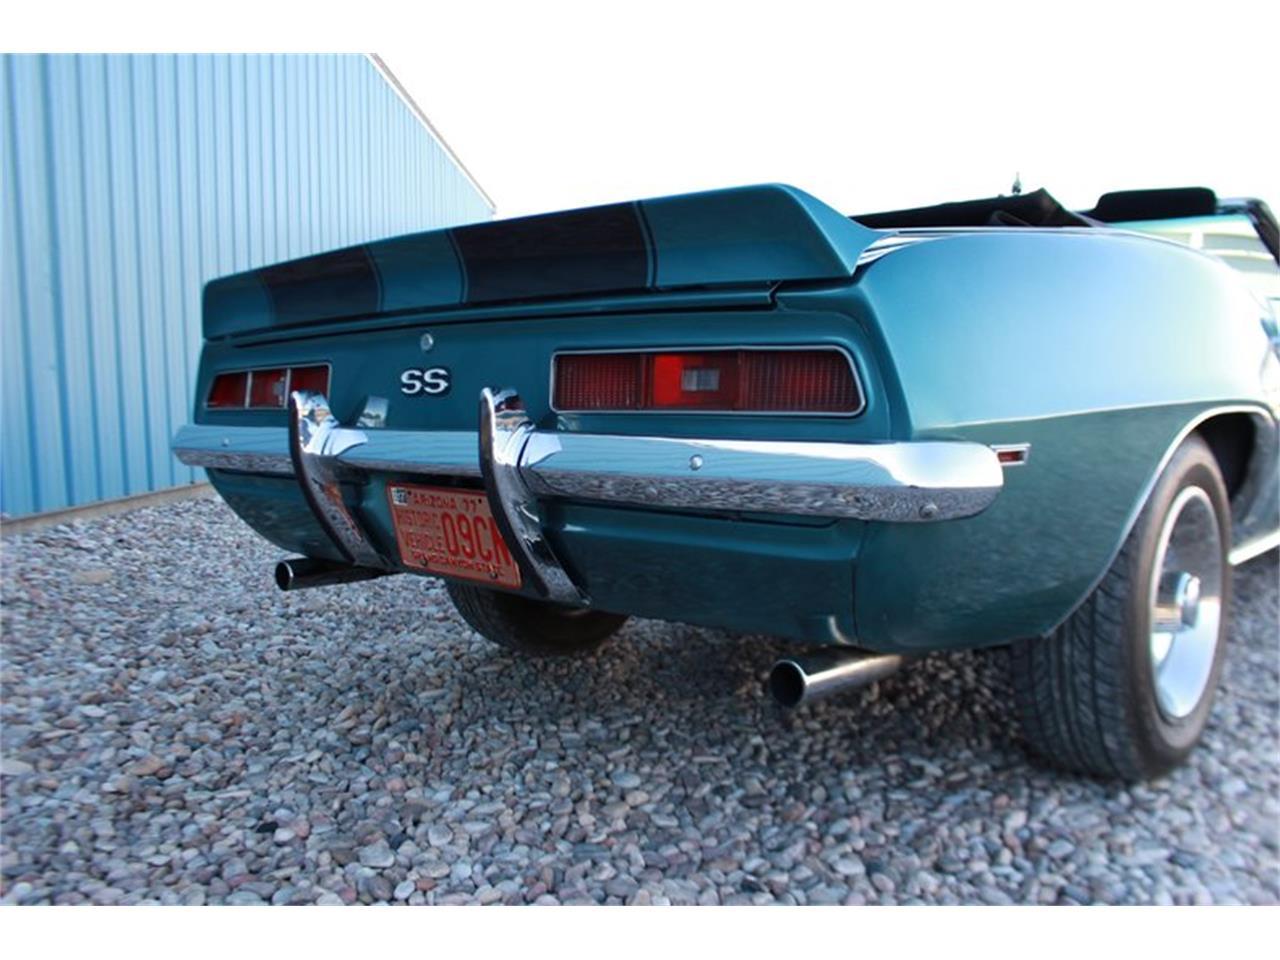 Large Picture of '69 Camaro located in Utah - $45,000.00 - LEAX